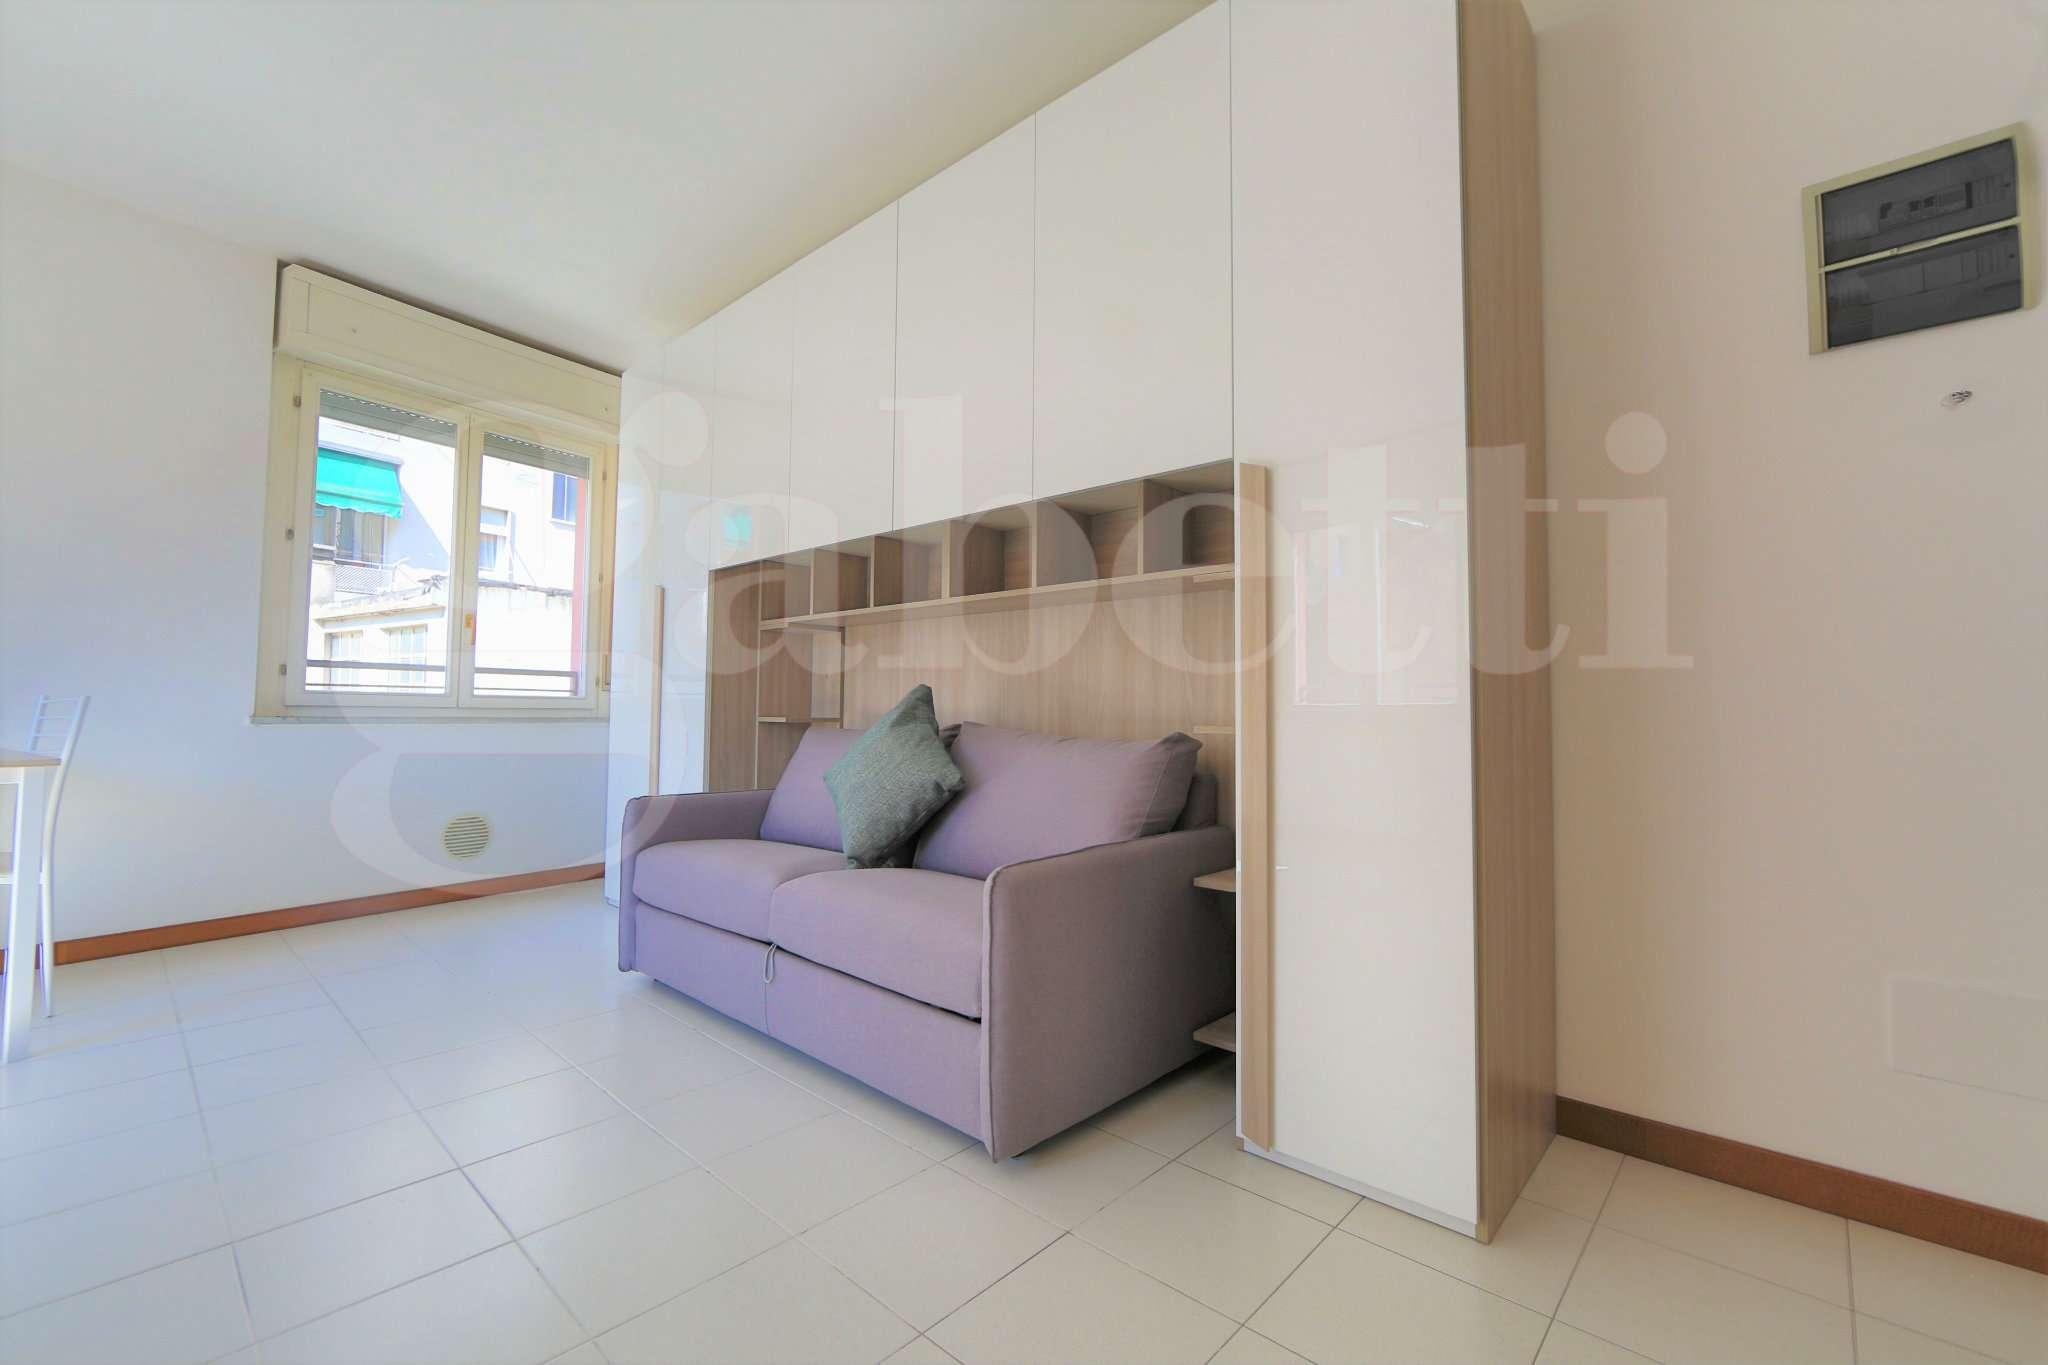 Appartamento in affitto a Busto Arsizio, 1 locali, prezzo € 490   CambioCasa.it